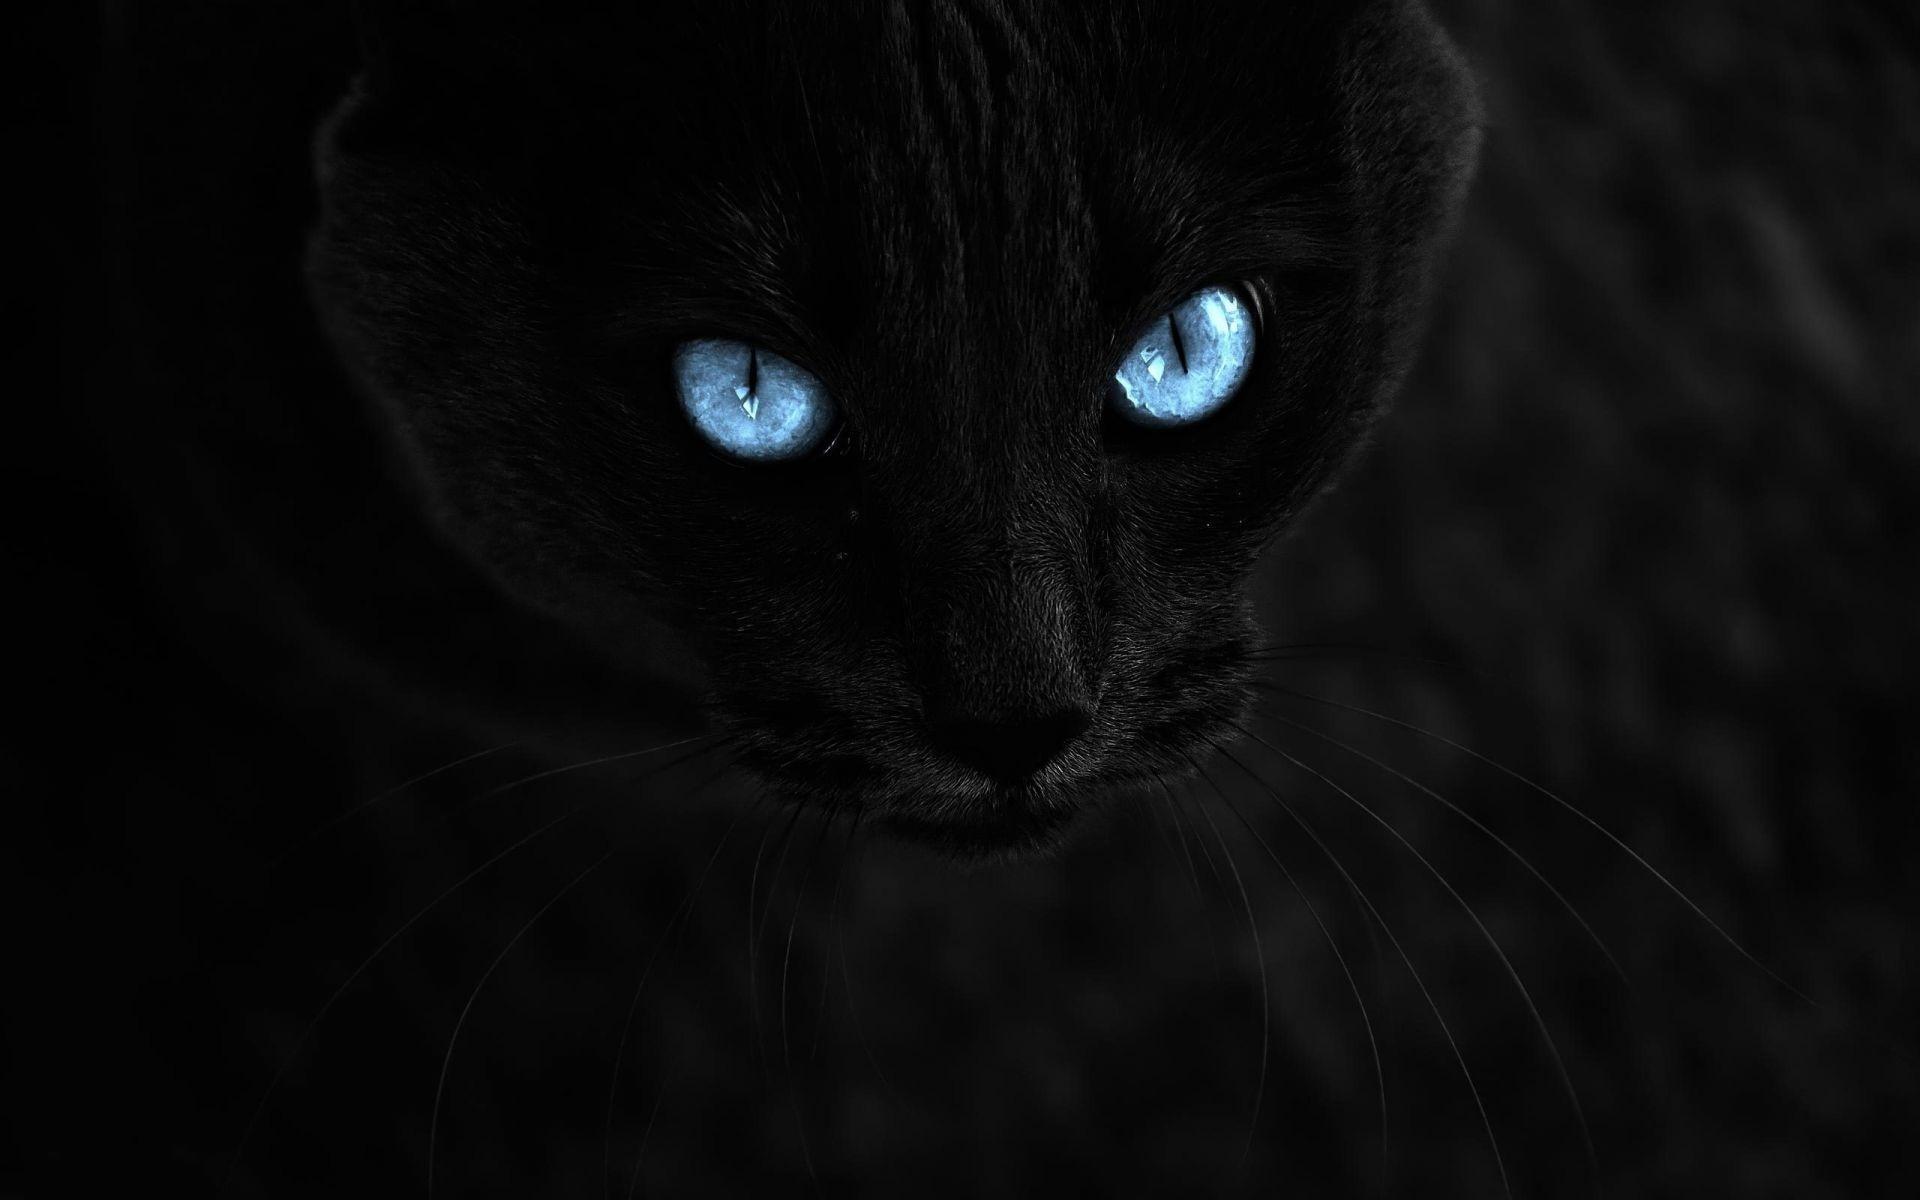 обои на рабочий стол черные кошки на черном фоне № 154850 без смс